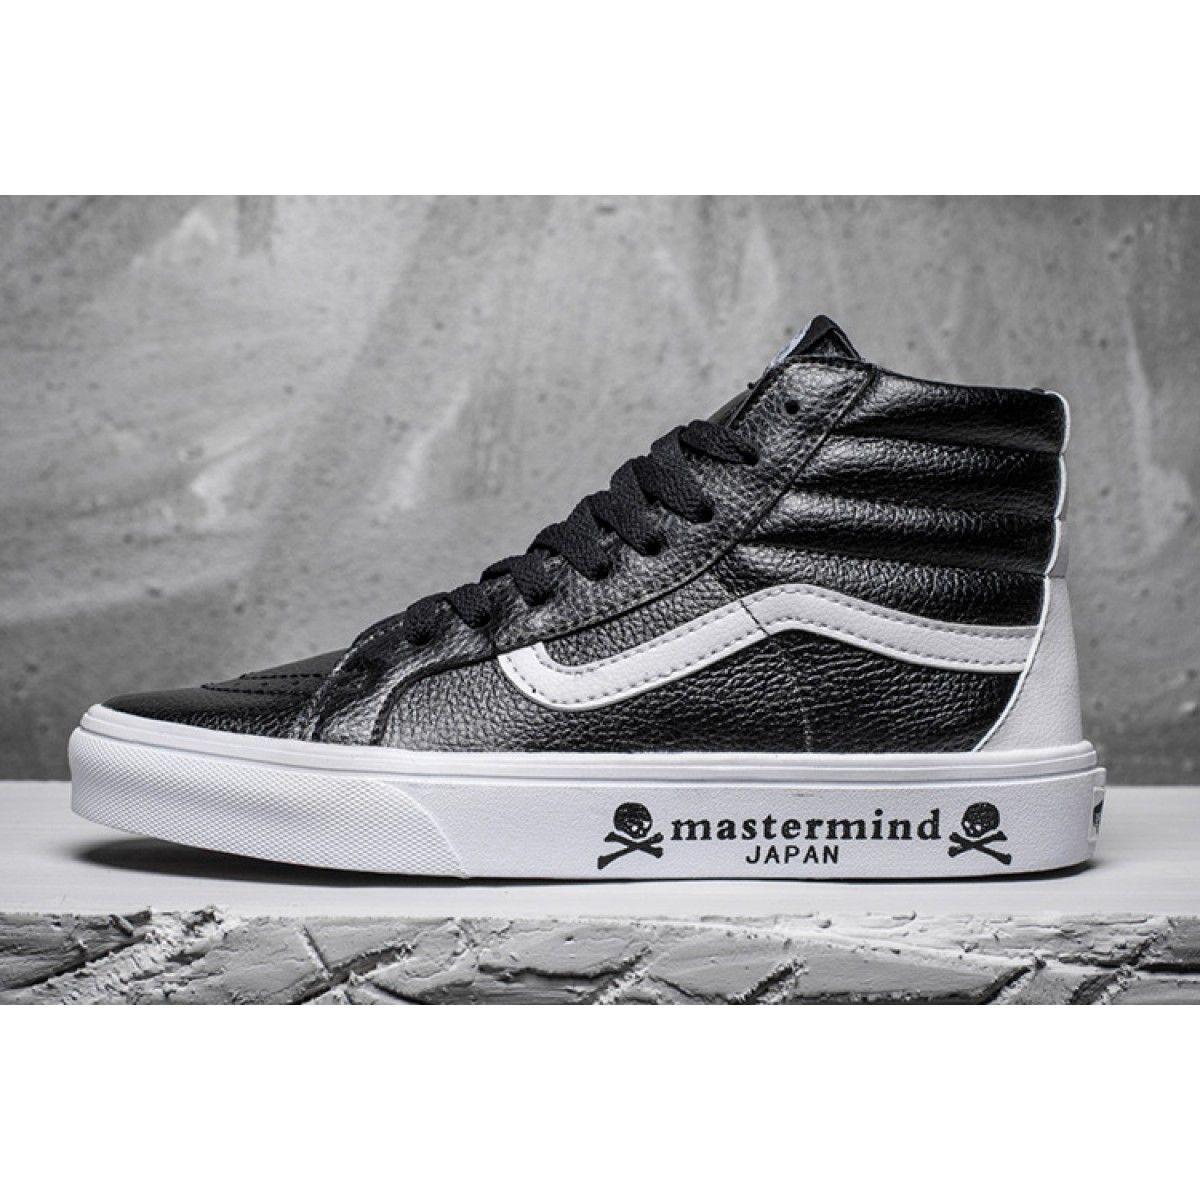 34a19f2828b46a Mastermind Japan x Vans SK8-Hi Black Leather Winter Skate Shoes  Vans